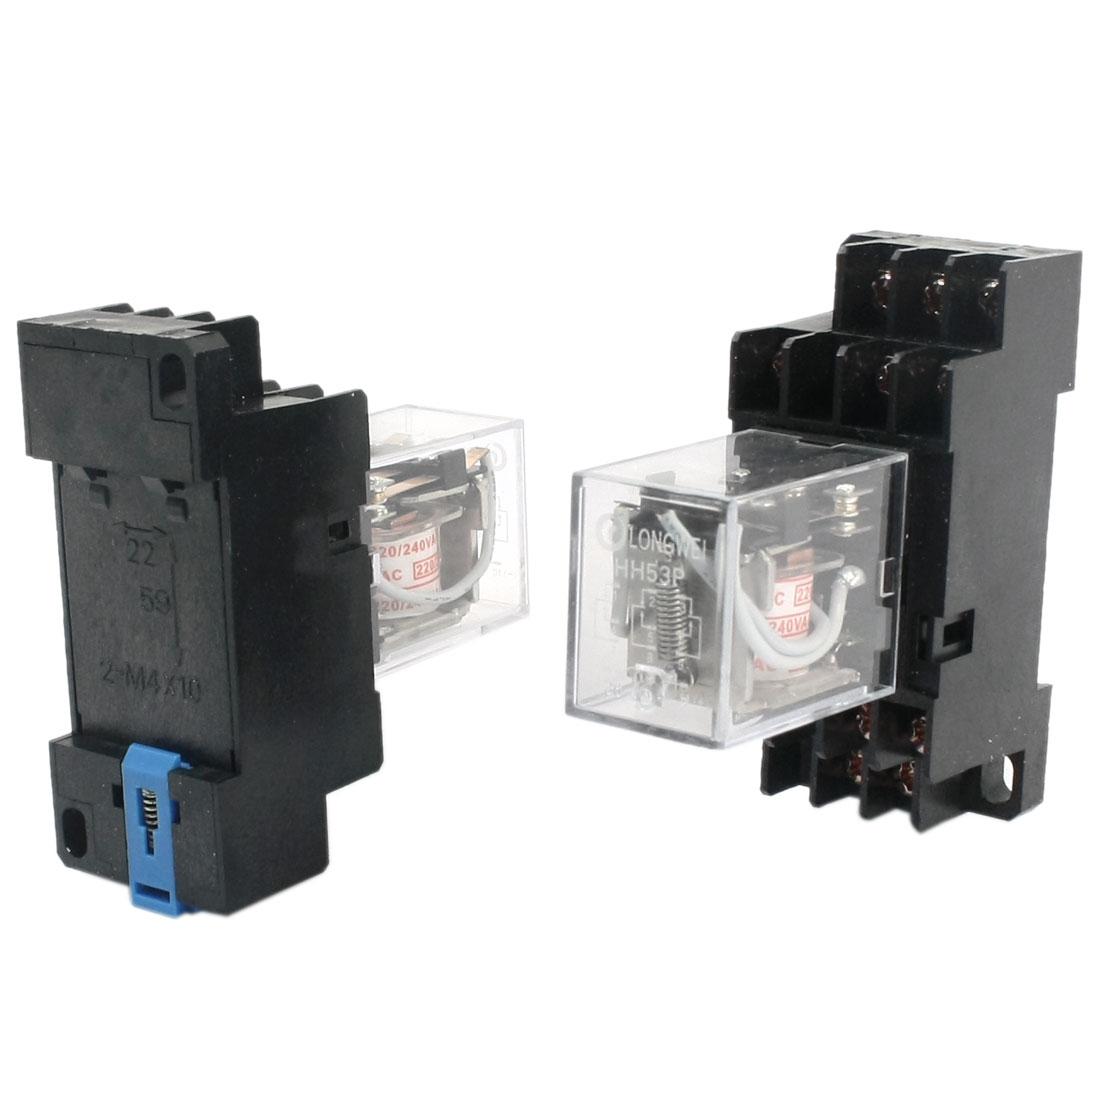 2pcs HH53P AC 220/240V Coil 11 Pin 3NO 3NC Power Relay w DYF11A Base Socket